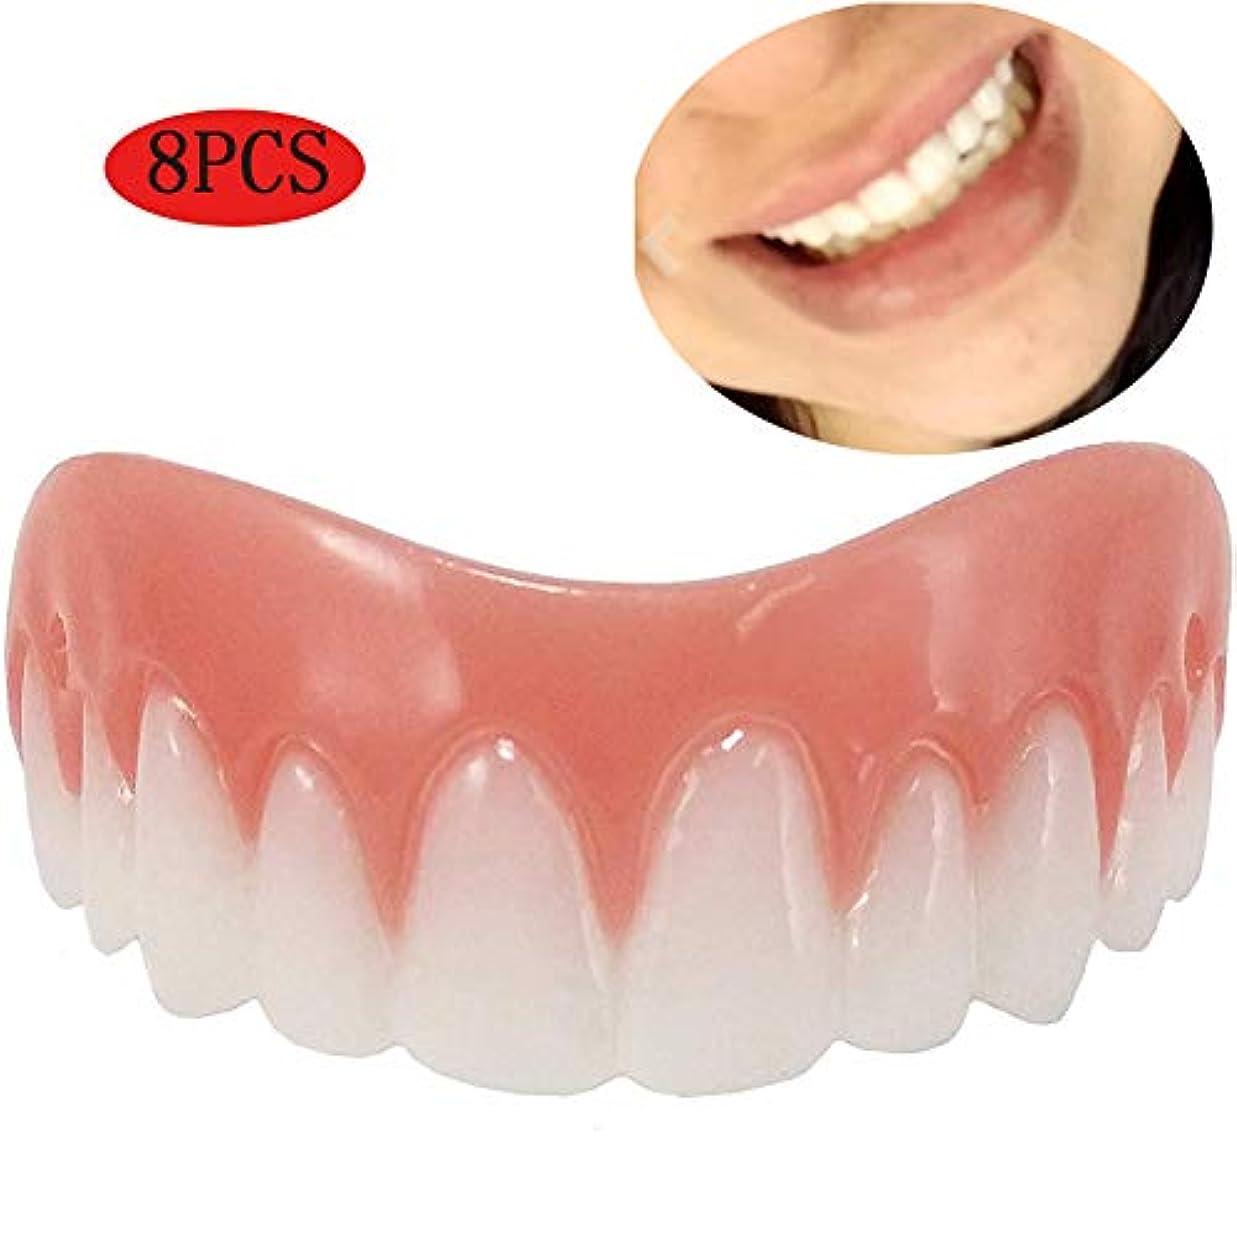 吸い込むドリンクピンポイント化粧歯、インスタントスマイルコンフォートフィットフレックスブライトホワイトシェード、快適なアッパーベニヤ、1サイズが最もフィット